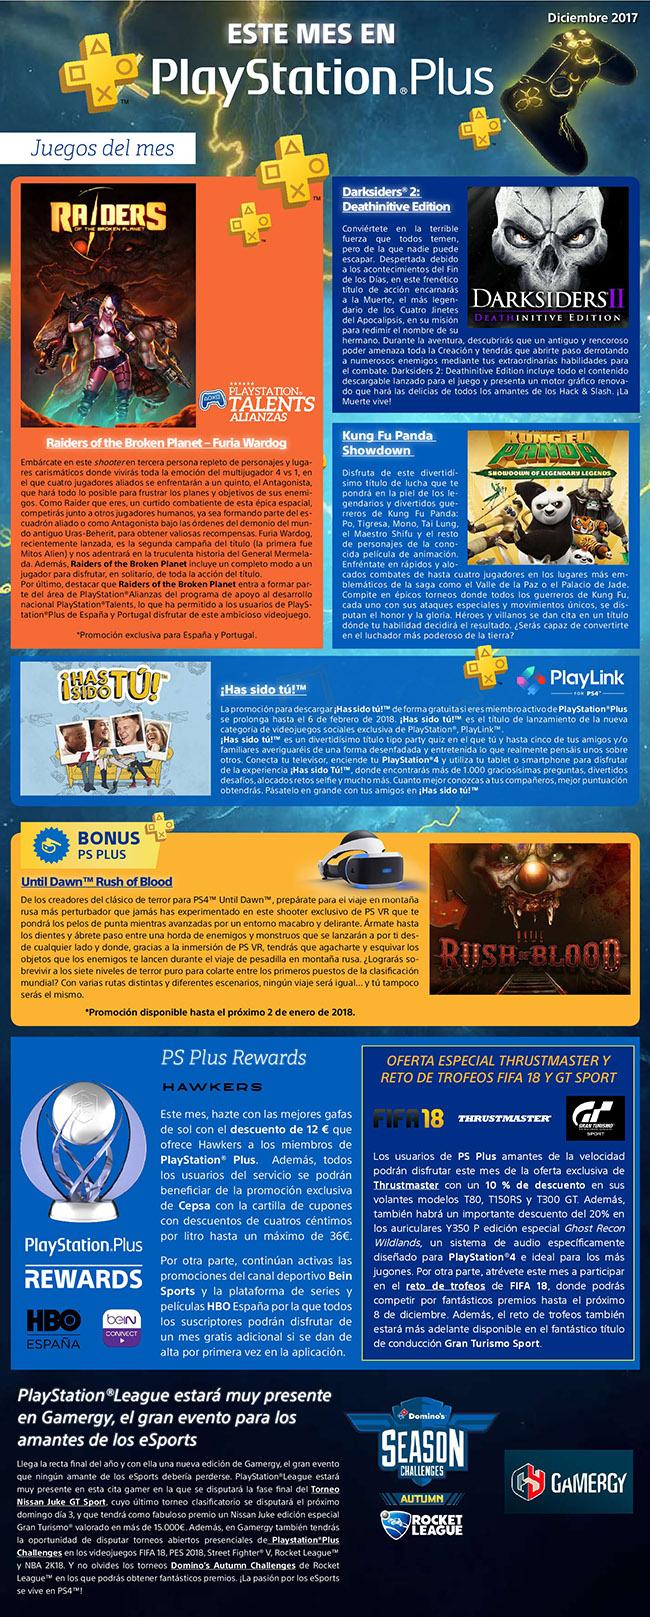 Infografía Juegos gratis en Playstation Plus en diciembre del 2017